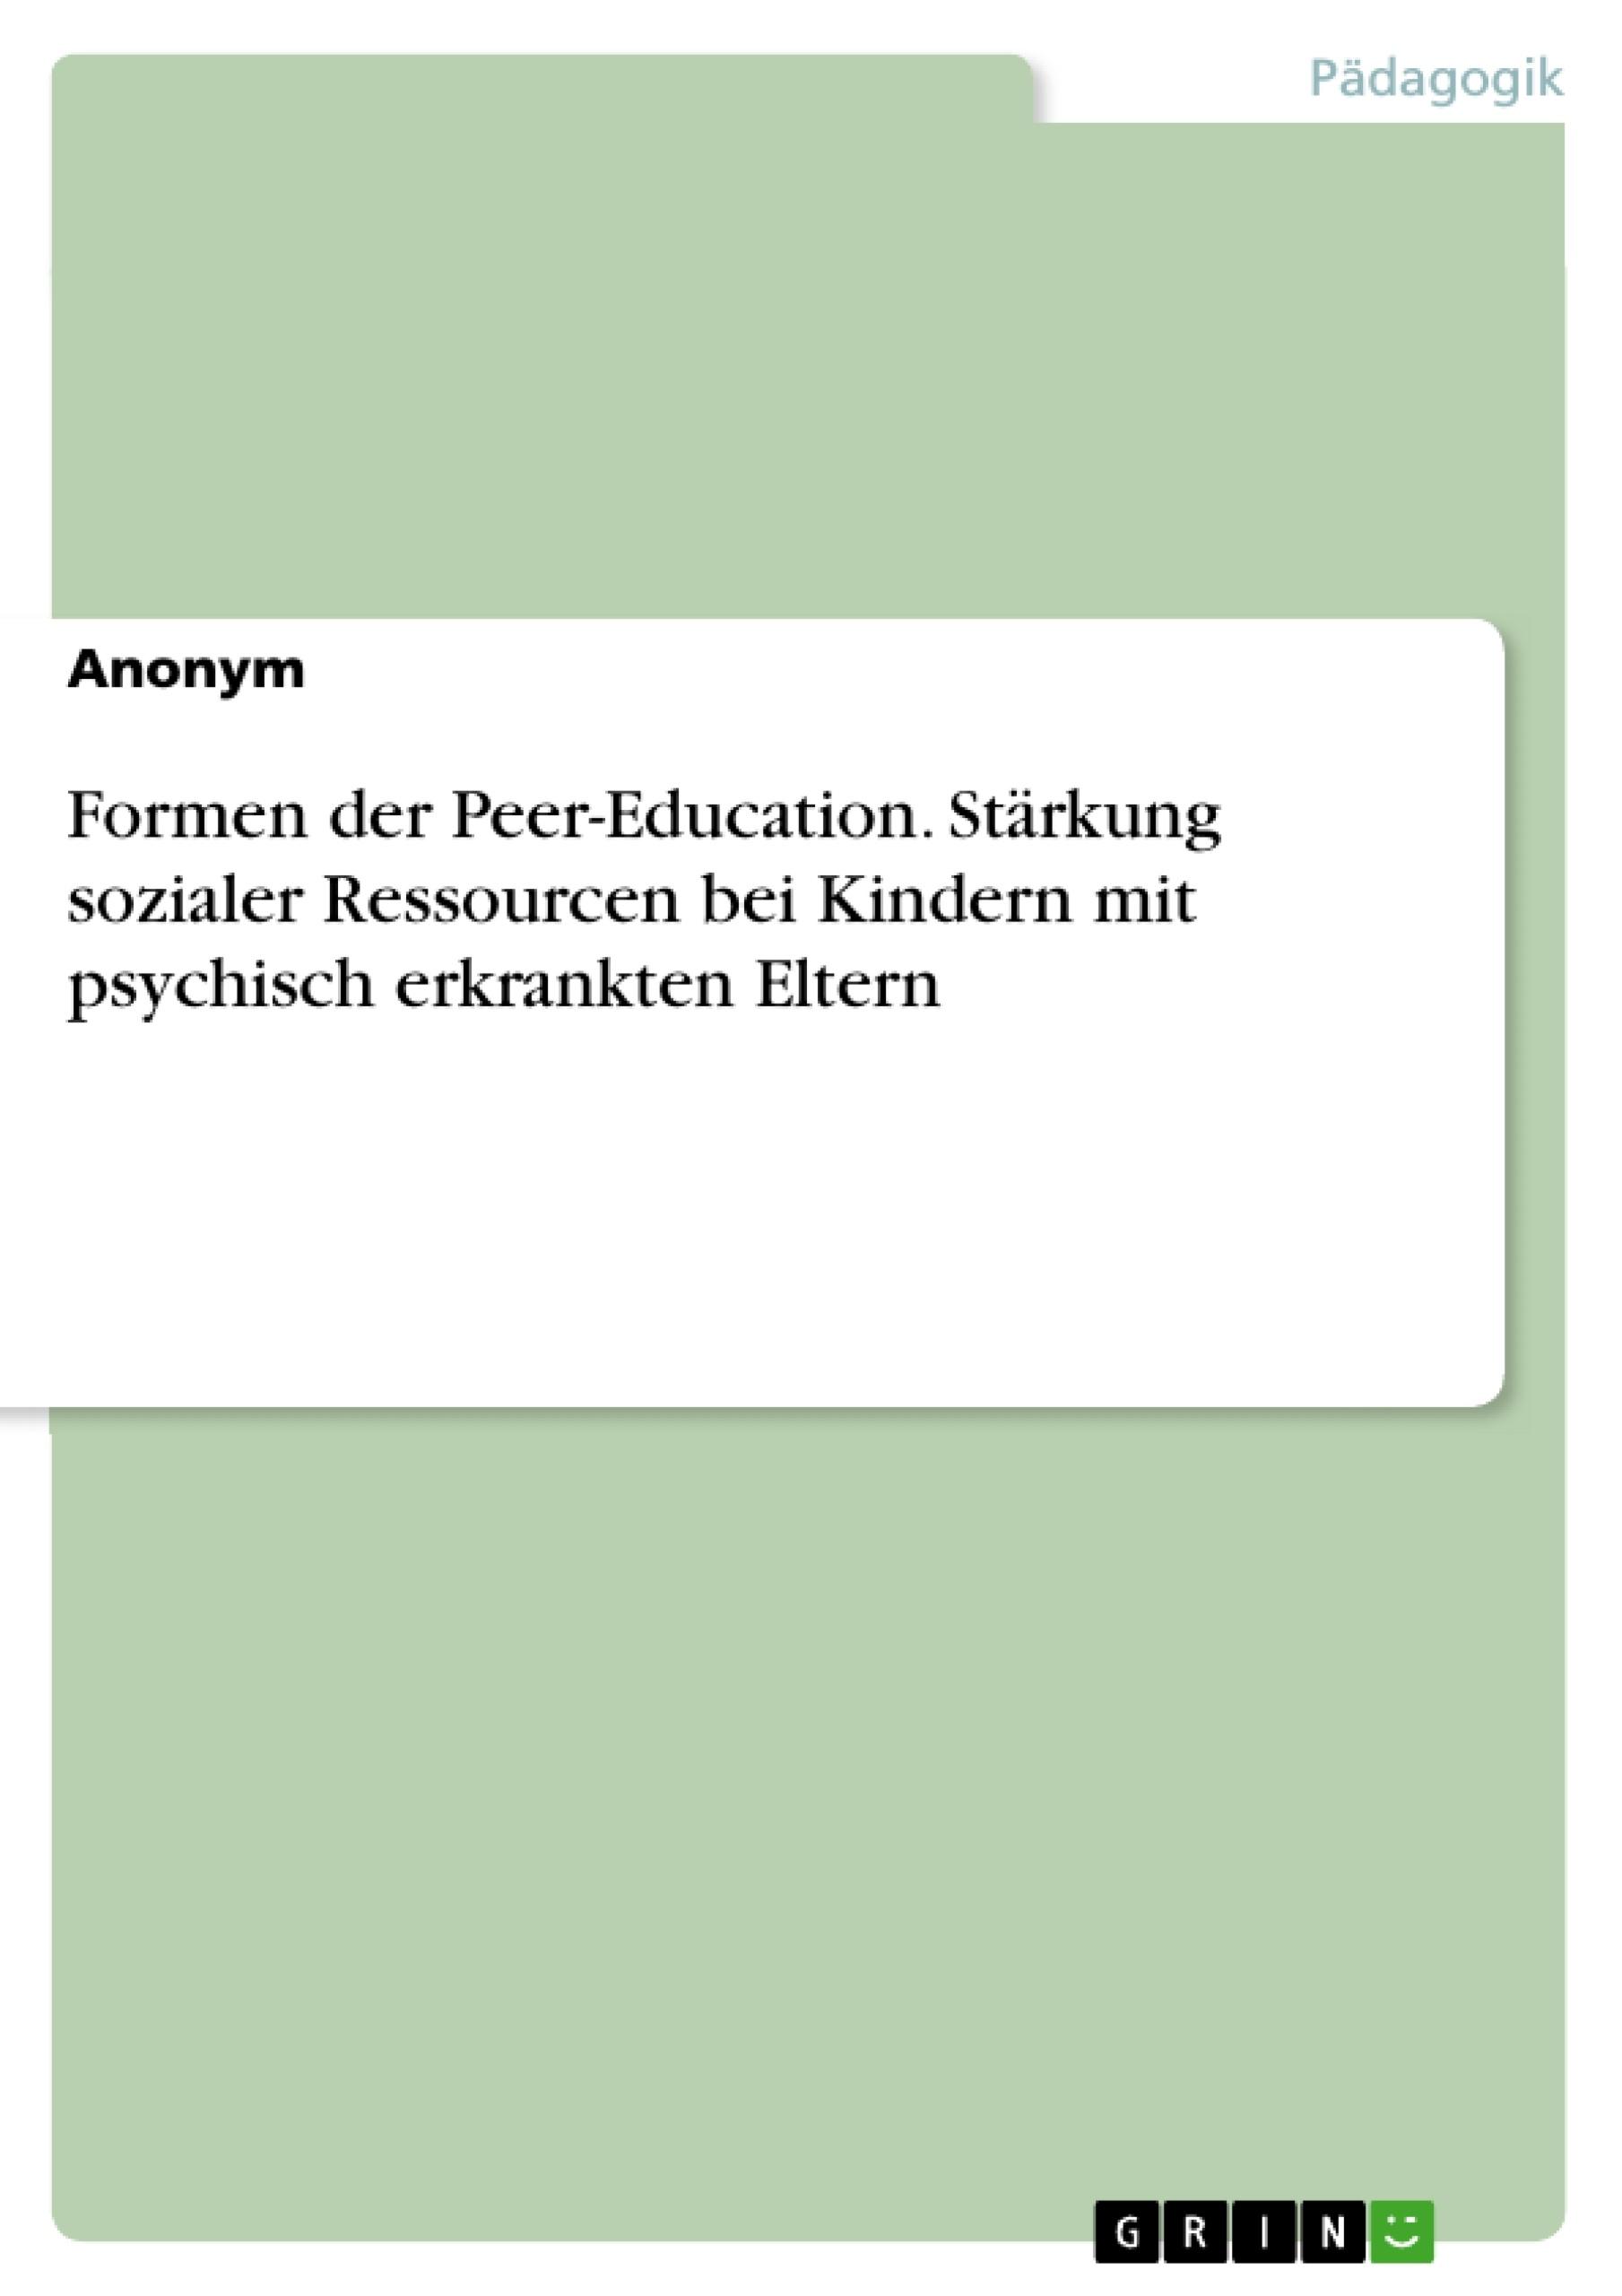 Titel: Formen der Peer-Education. Stärkung sozialer Ressourcen bei Kindern mit psychisch erkrankten Eltern